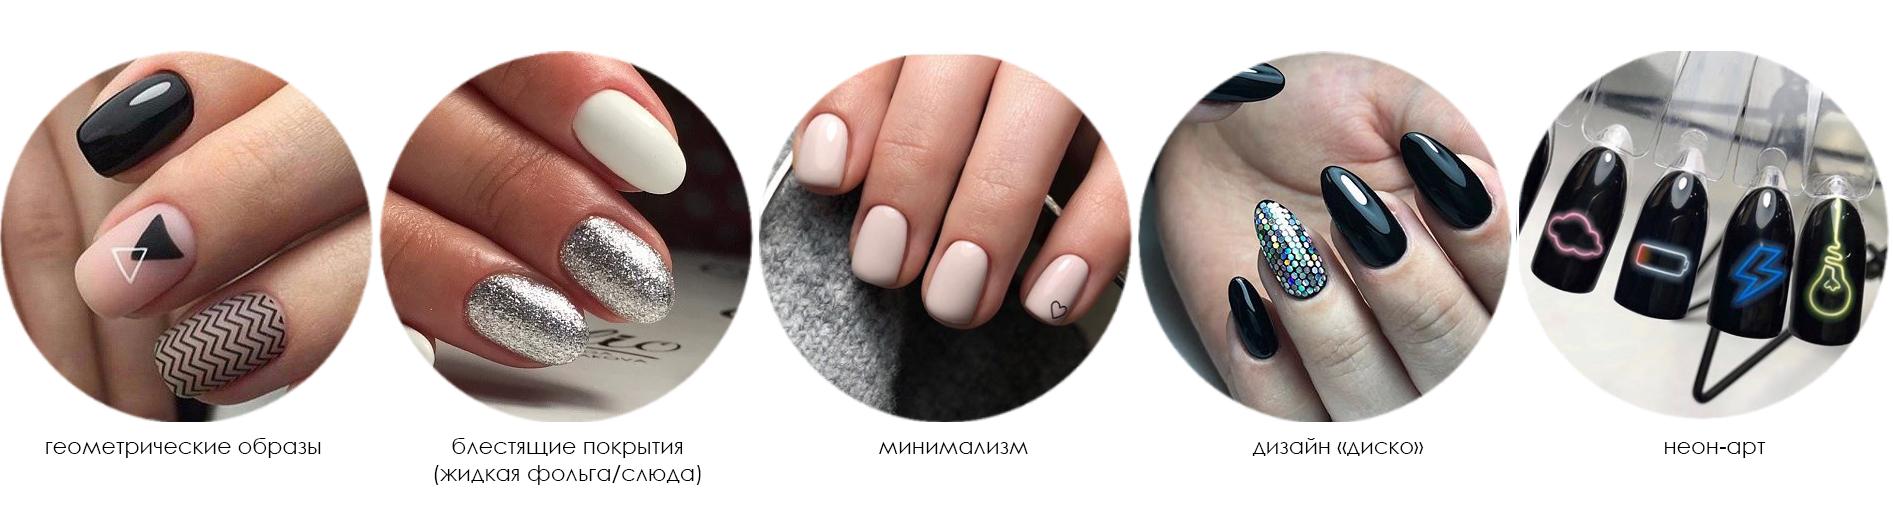 Новые идеи маникюра и дизайна ногтей